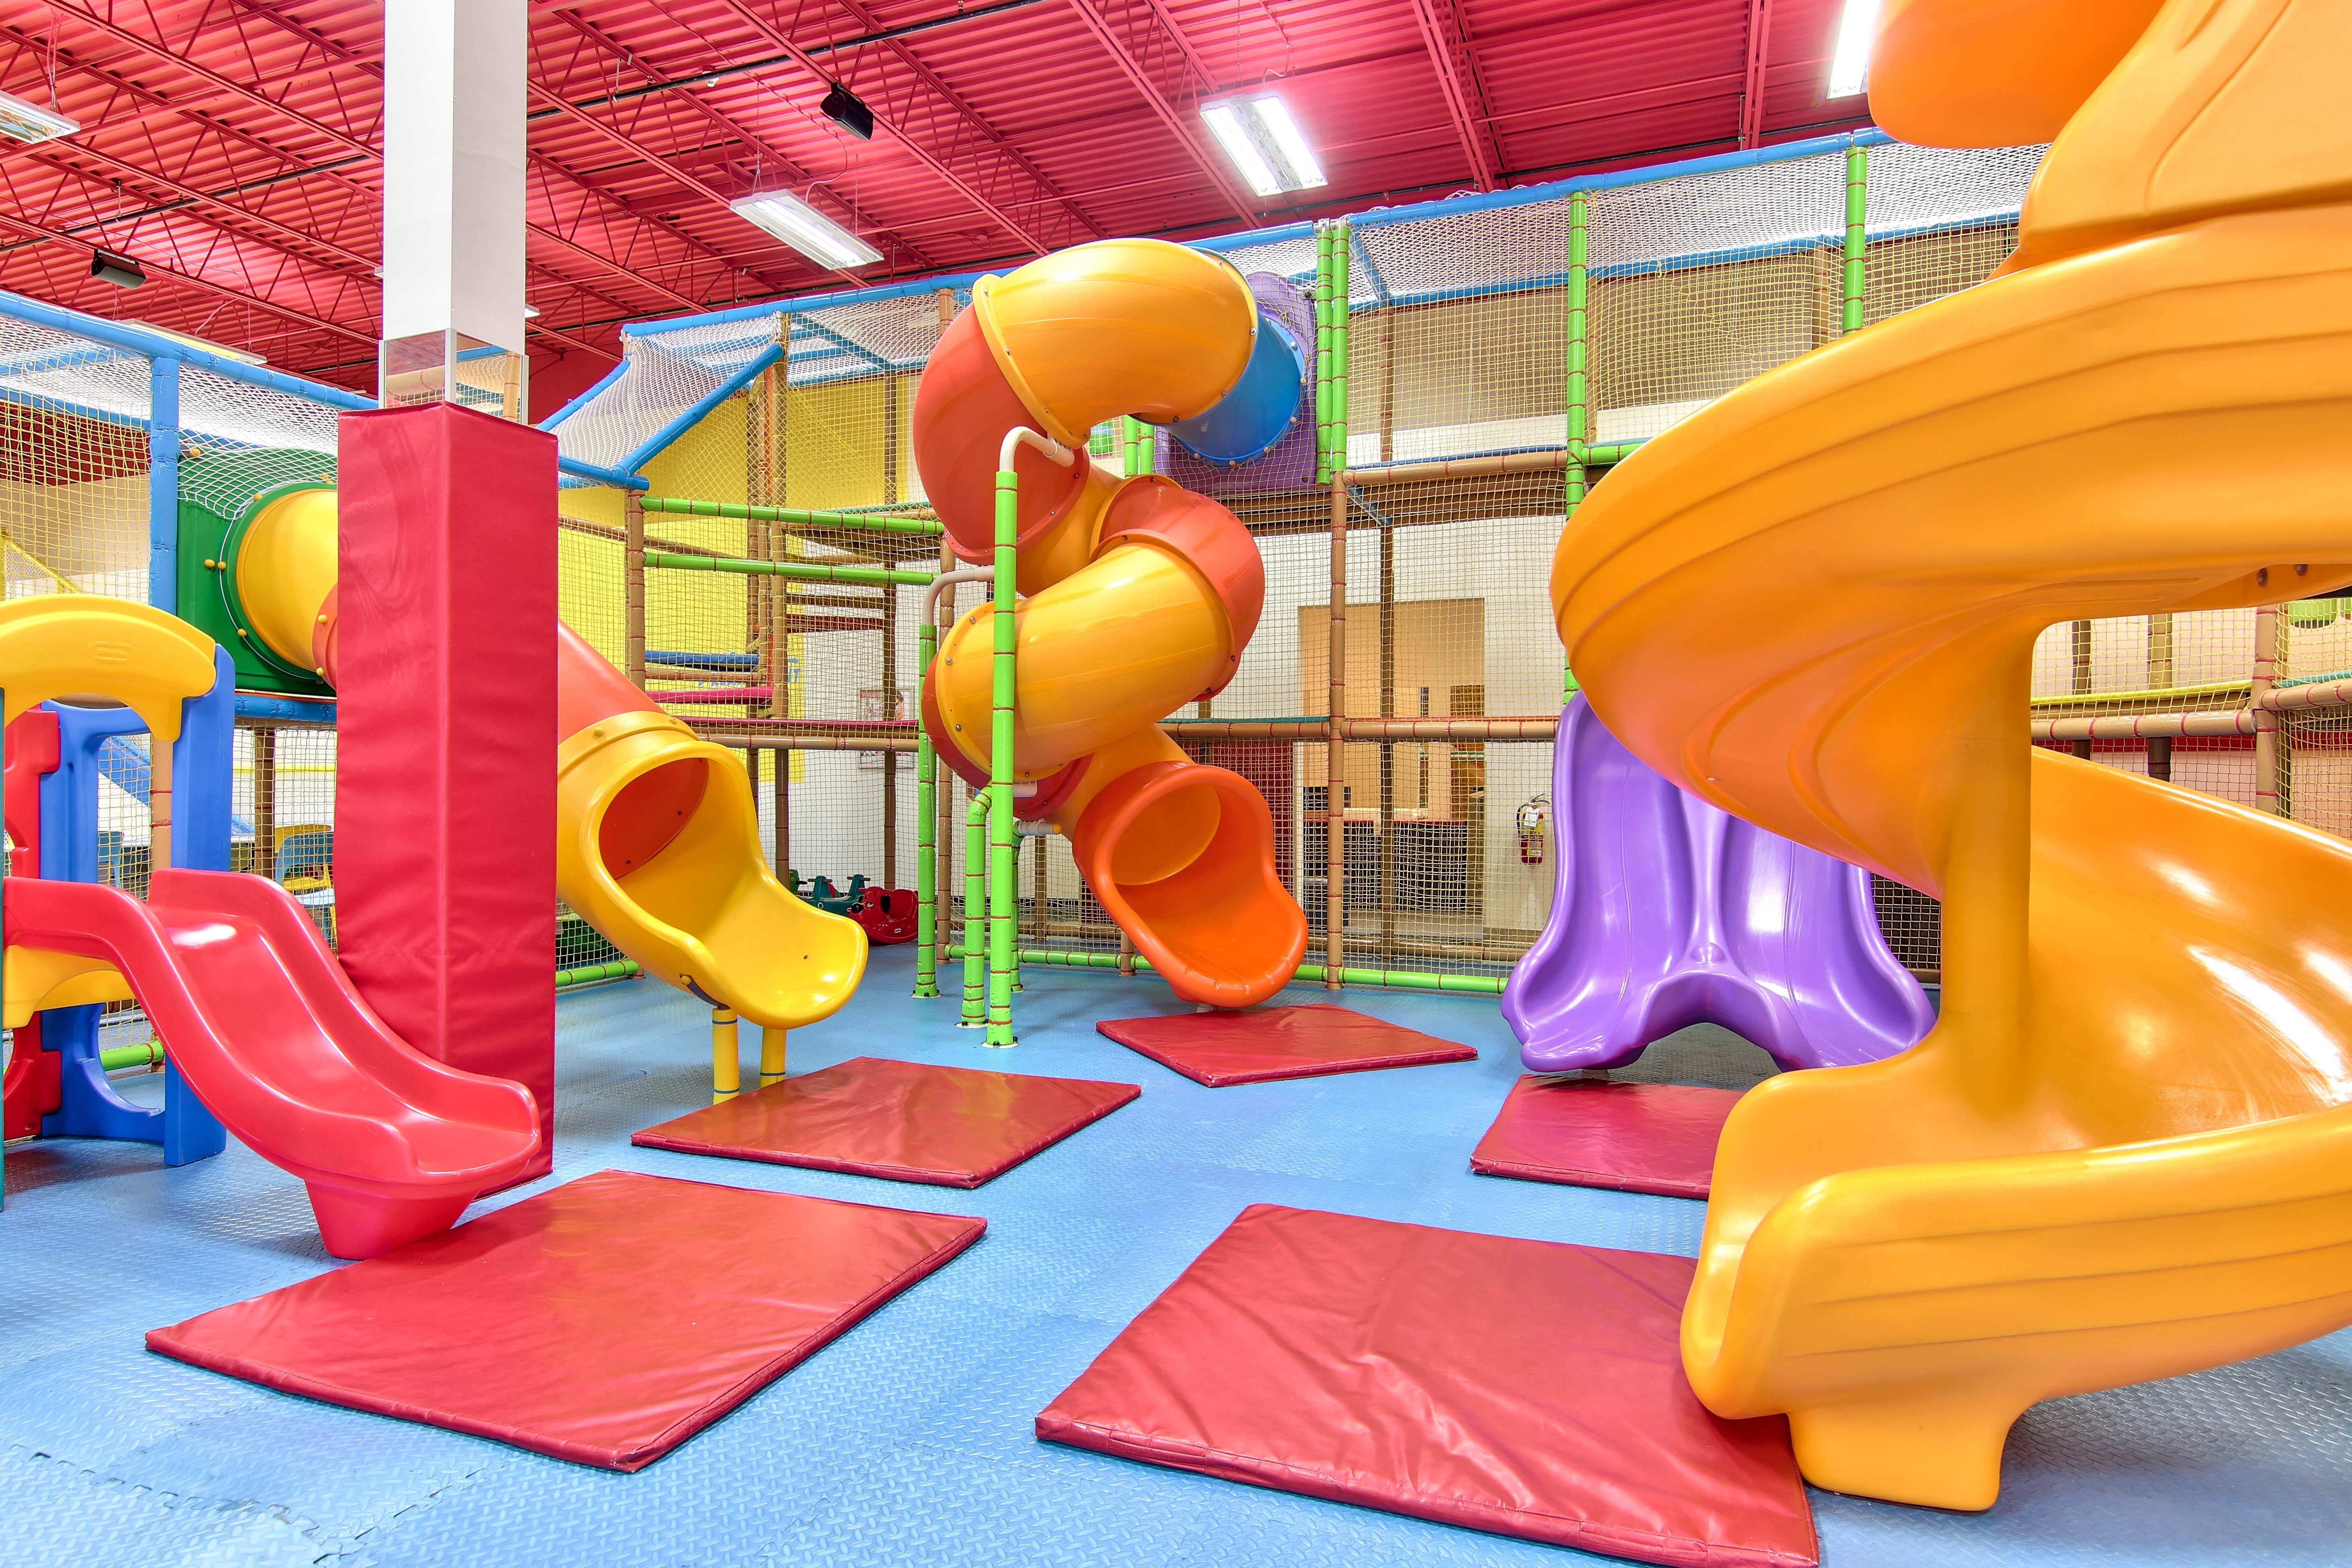 Module de jeux intérieur, glissades, piscine à balles, bébé,.jeux pour enfant